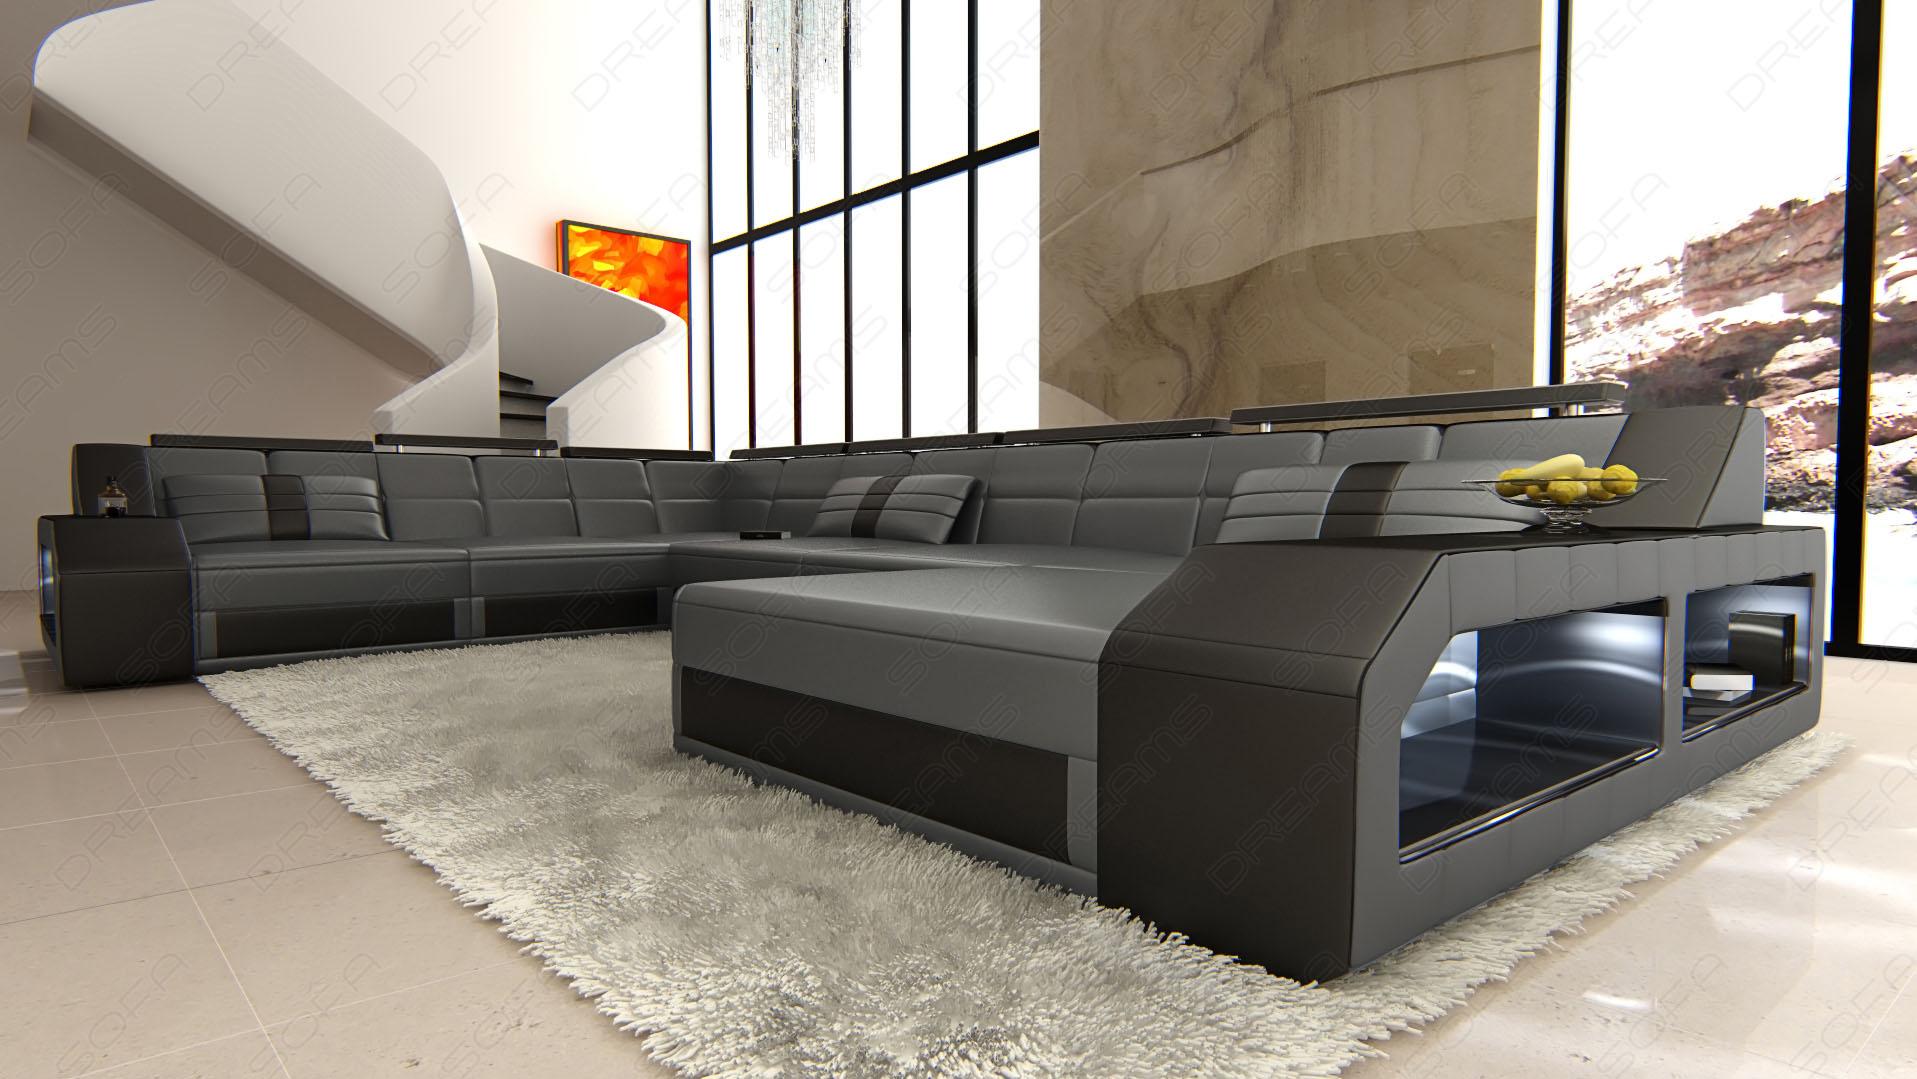 Design Wohnlandschaft Matera Xxl In Den Farben Grau Schwarz Und